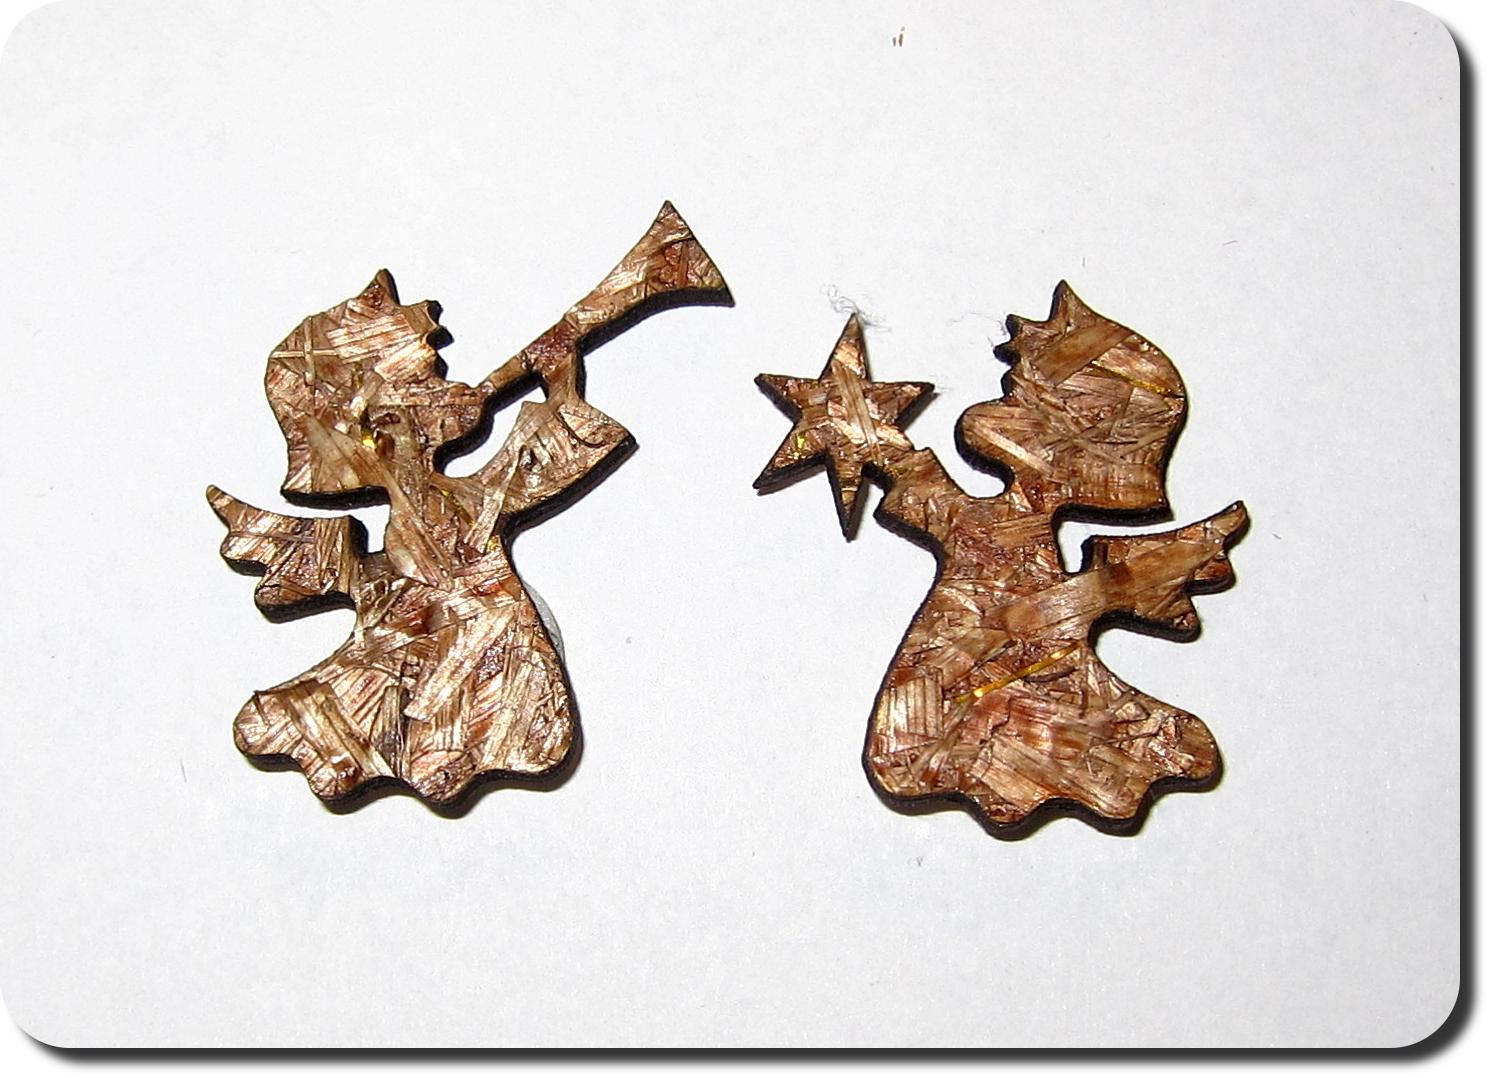 Miniatur und Holz Dekoration, Puppenhaus Zubehör, Setzkasten